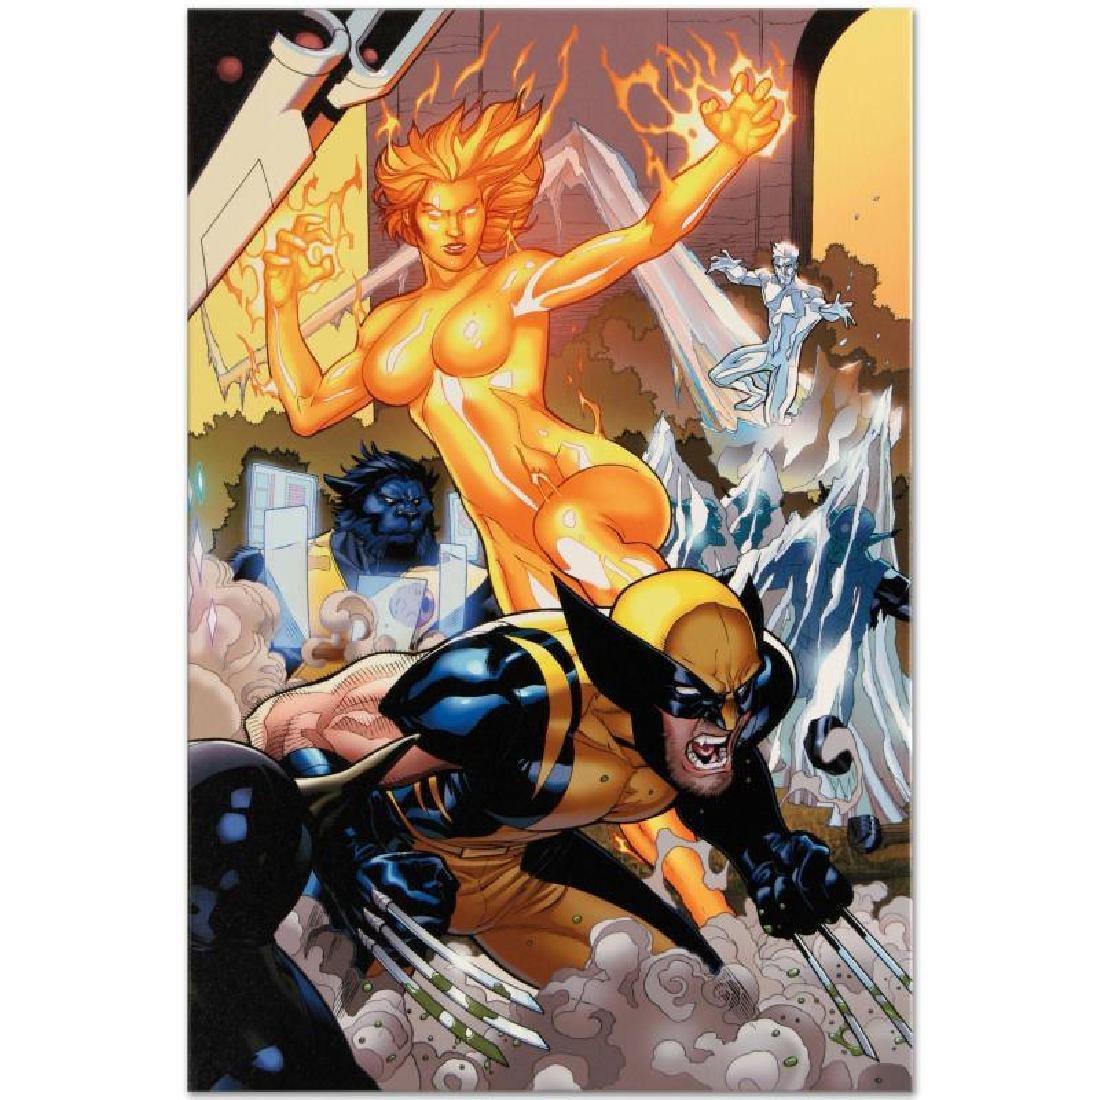 Secret Invasion: X-Men #4 by Marvel Comics